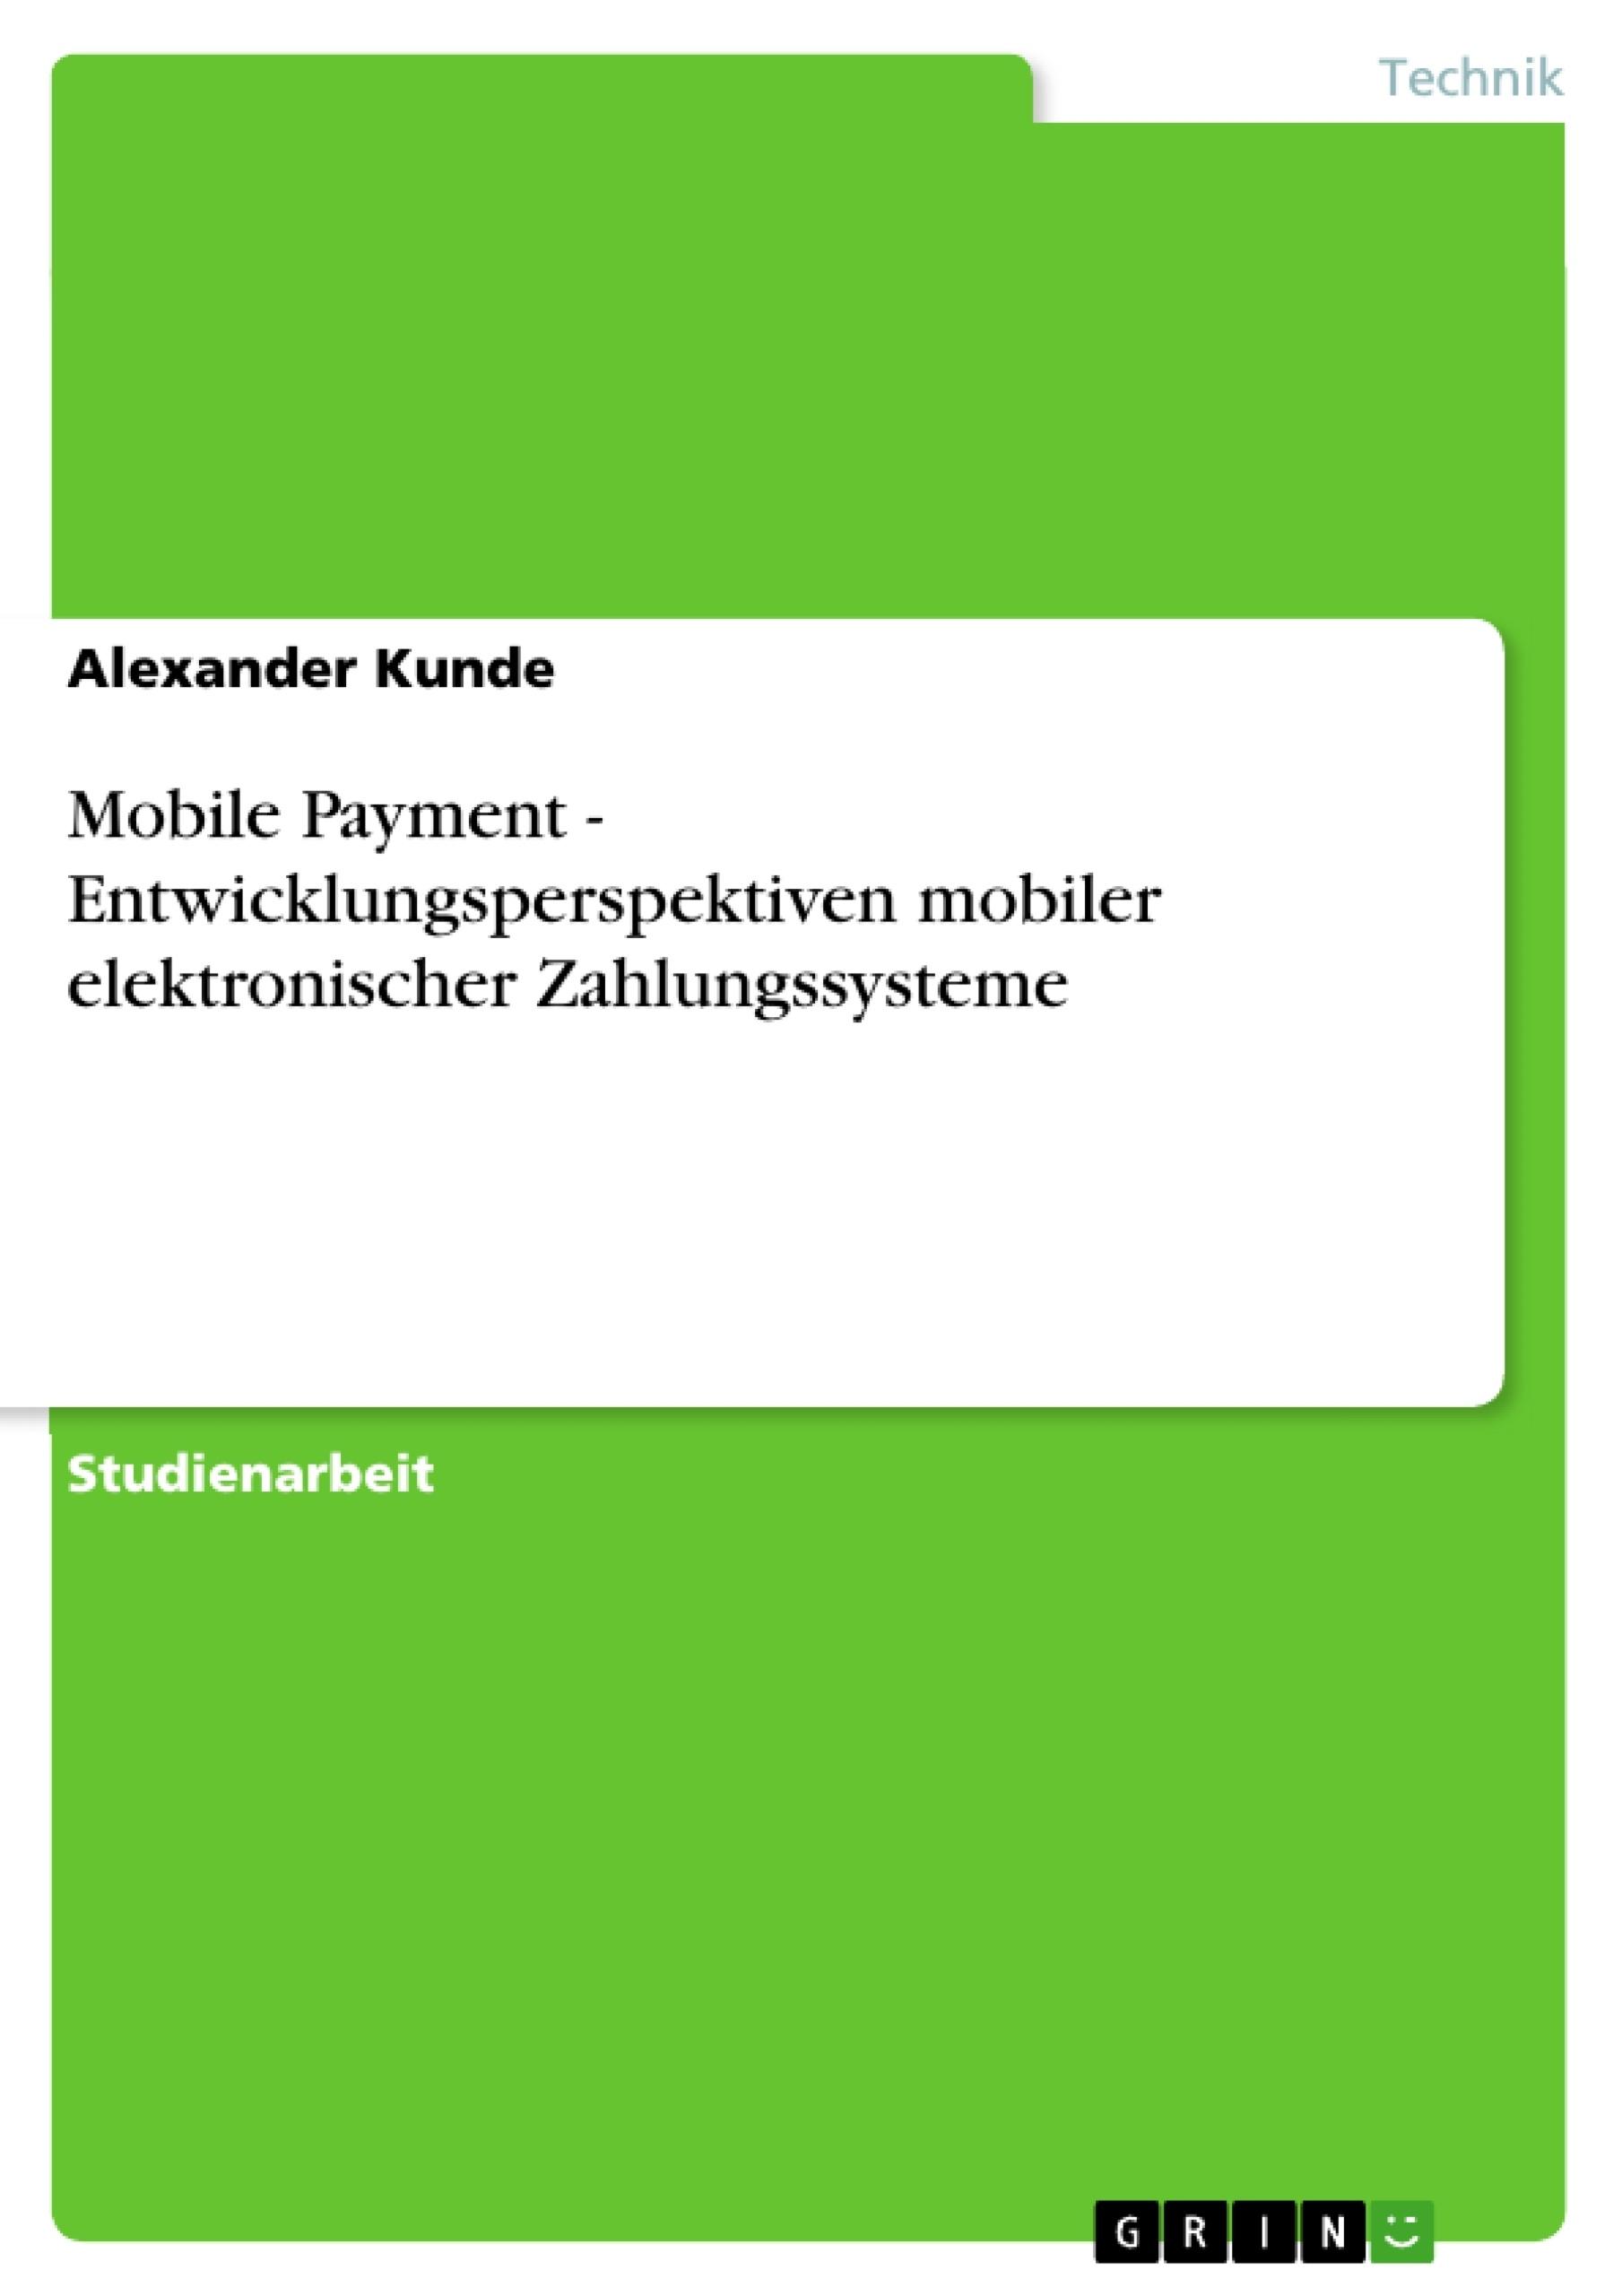 Titel: Mobile Payment - Entwicklungsperspektiven mobiler elektronischer Zahlungssysteme